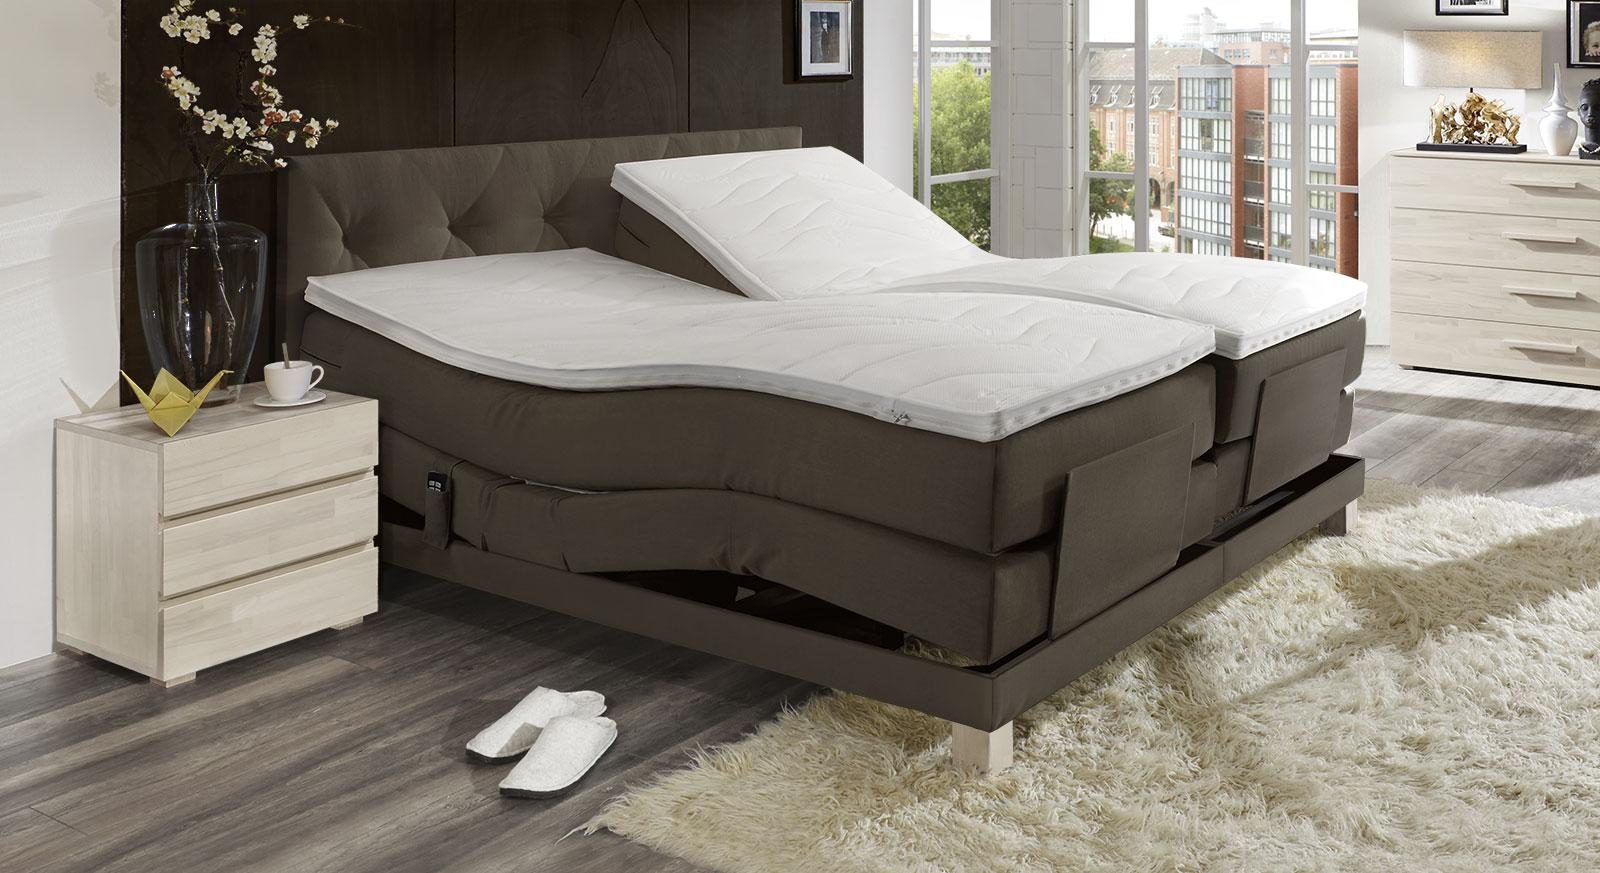 Ideen f r wohnzimmerdecken - Orientalische schlafzimmereinrichtung ...